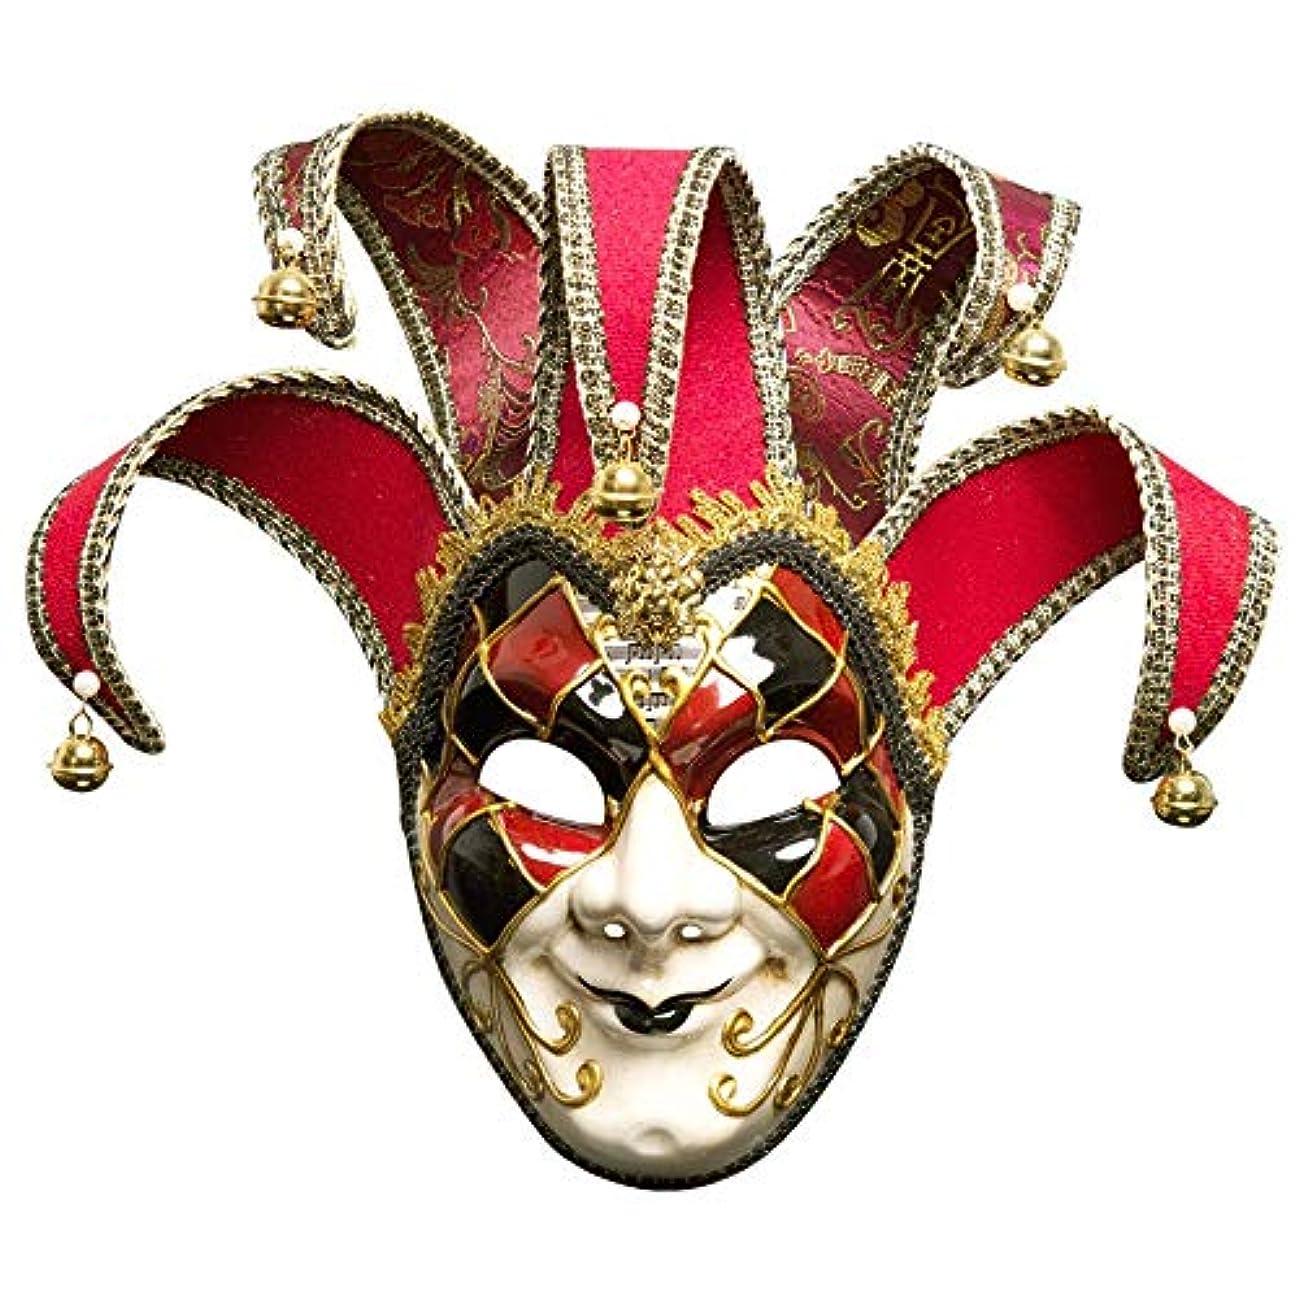 バーゲンコンバーチブル類似性ダンスマスク 雰囲気クリスマスフェスティバルロールプレイングプラスチックマスカレードマスクハロウィーンマスカレードマスク パーティーボールマスク (色 : 青, サイズ : 17x44cm)